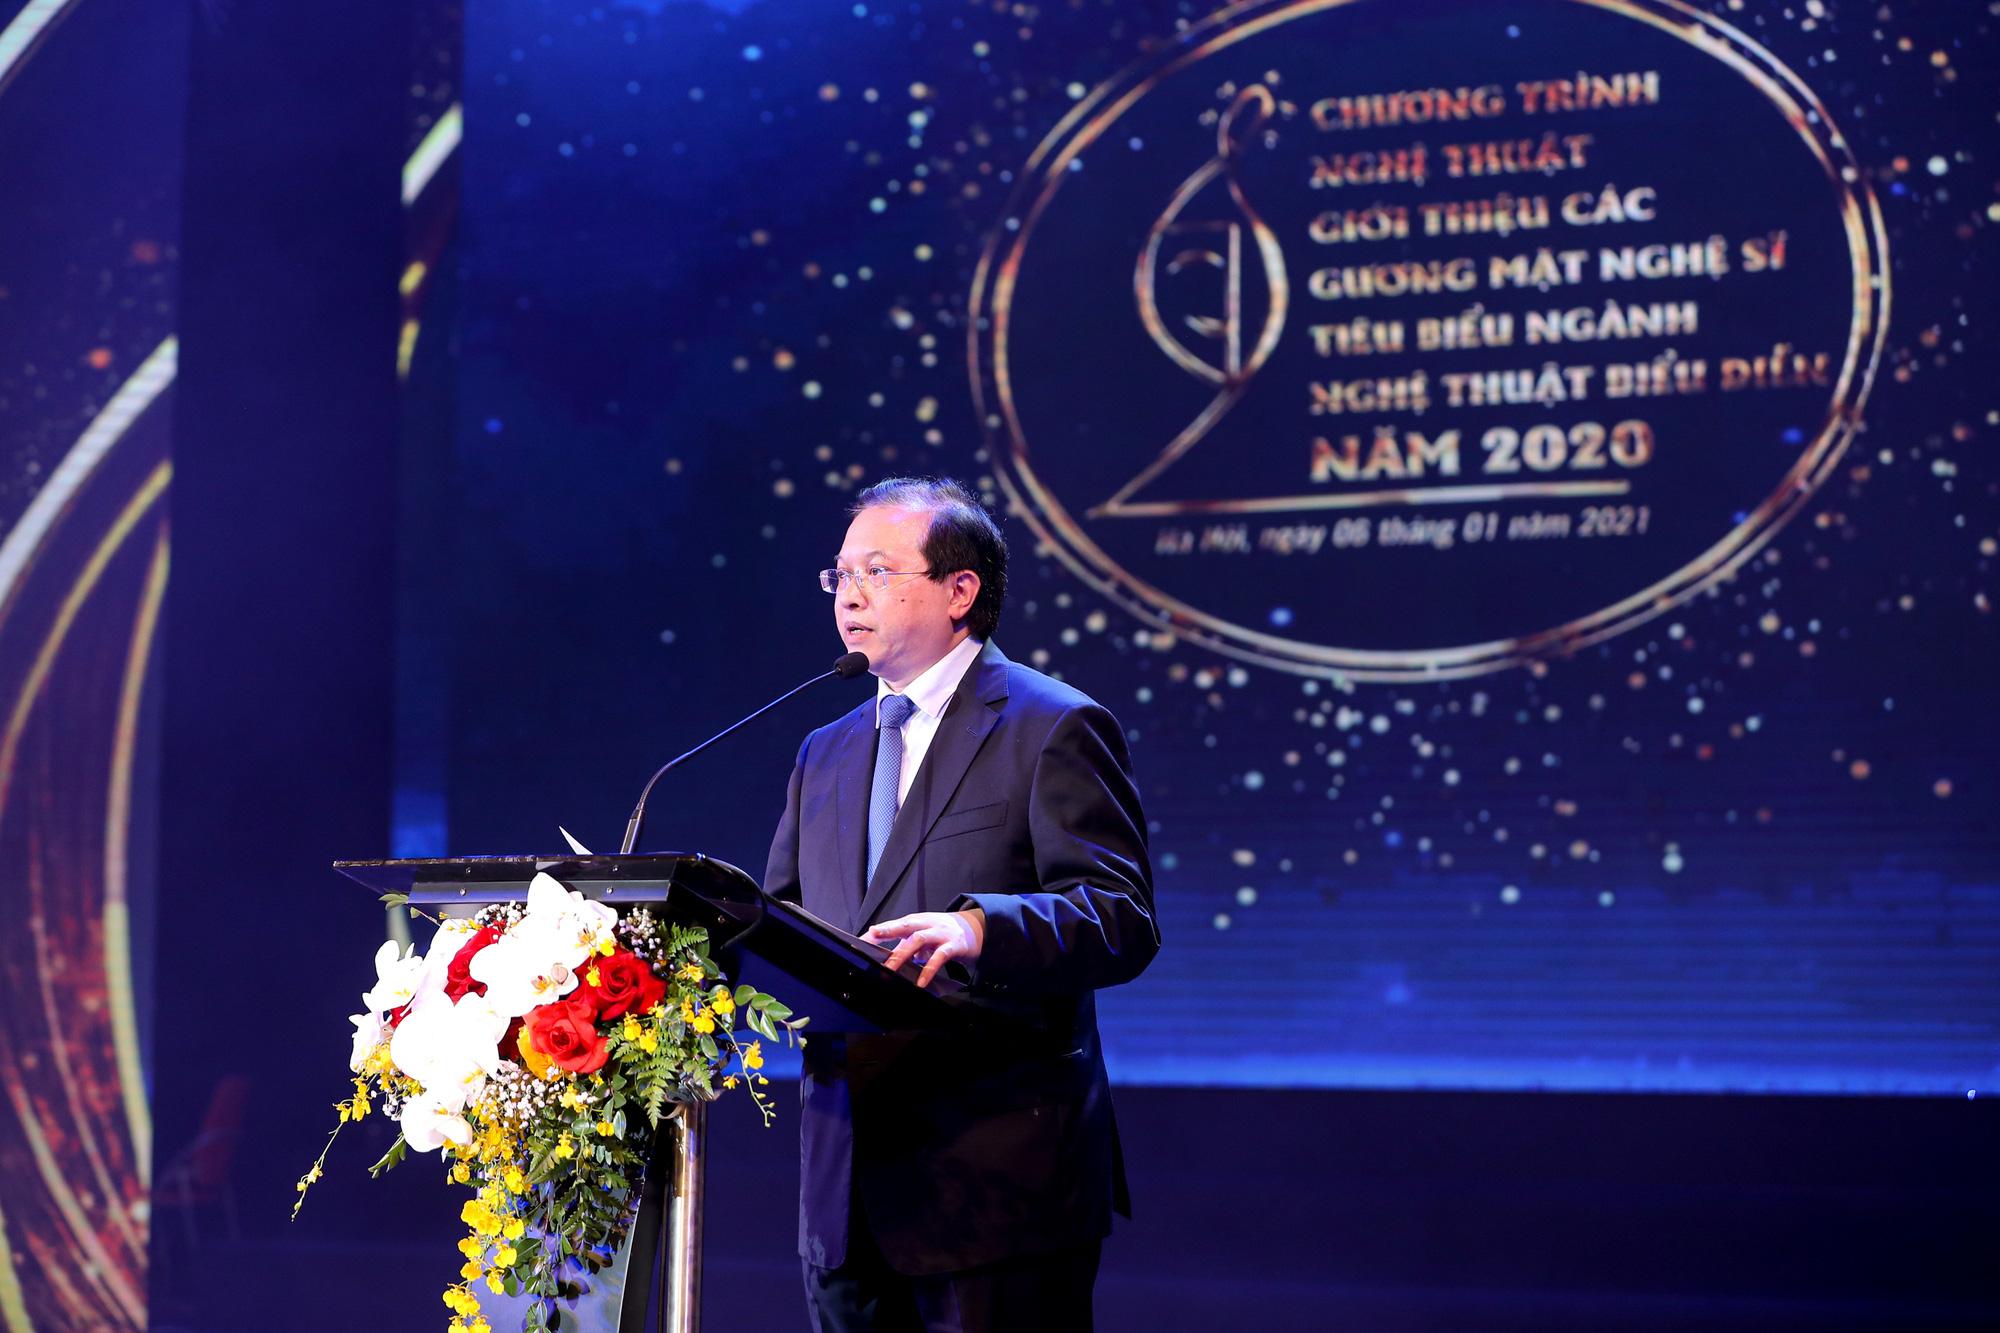 Ảnh: Vinh danh 69 nghệ sĩ tiêu biểu ngành nghệ thuật biểu diễn năm 2020 - Ảnh 3.